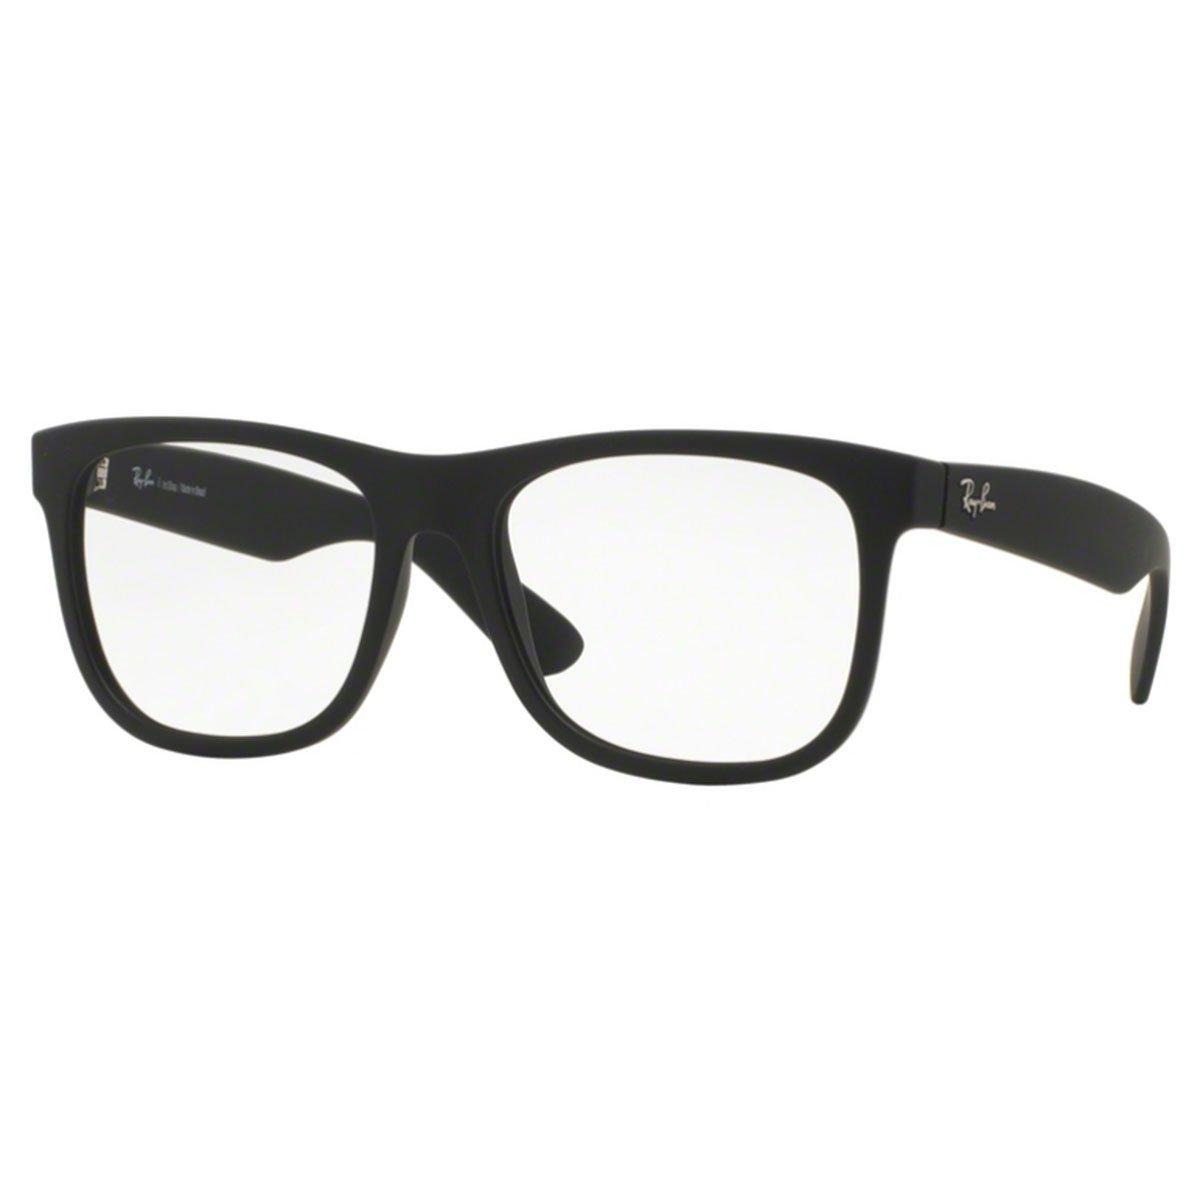 388da32d5 Compre Óculos de Grau Ray Ban Ennio em 10X | Tri-Jóia Shop